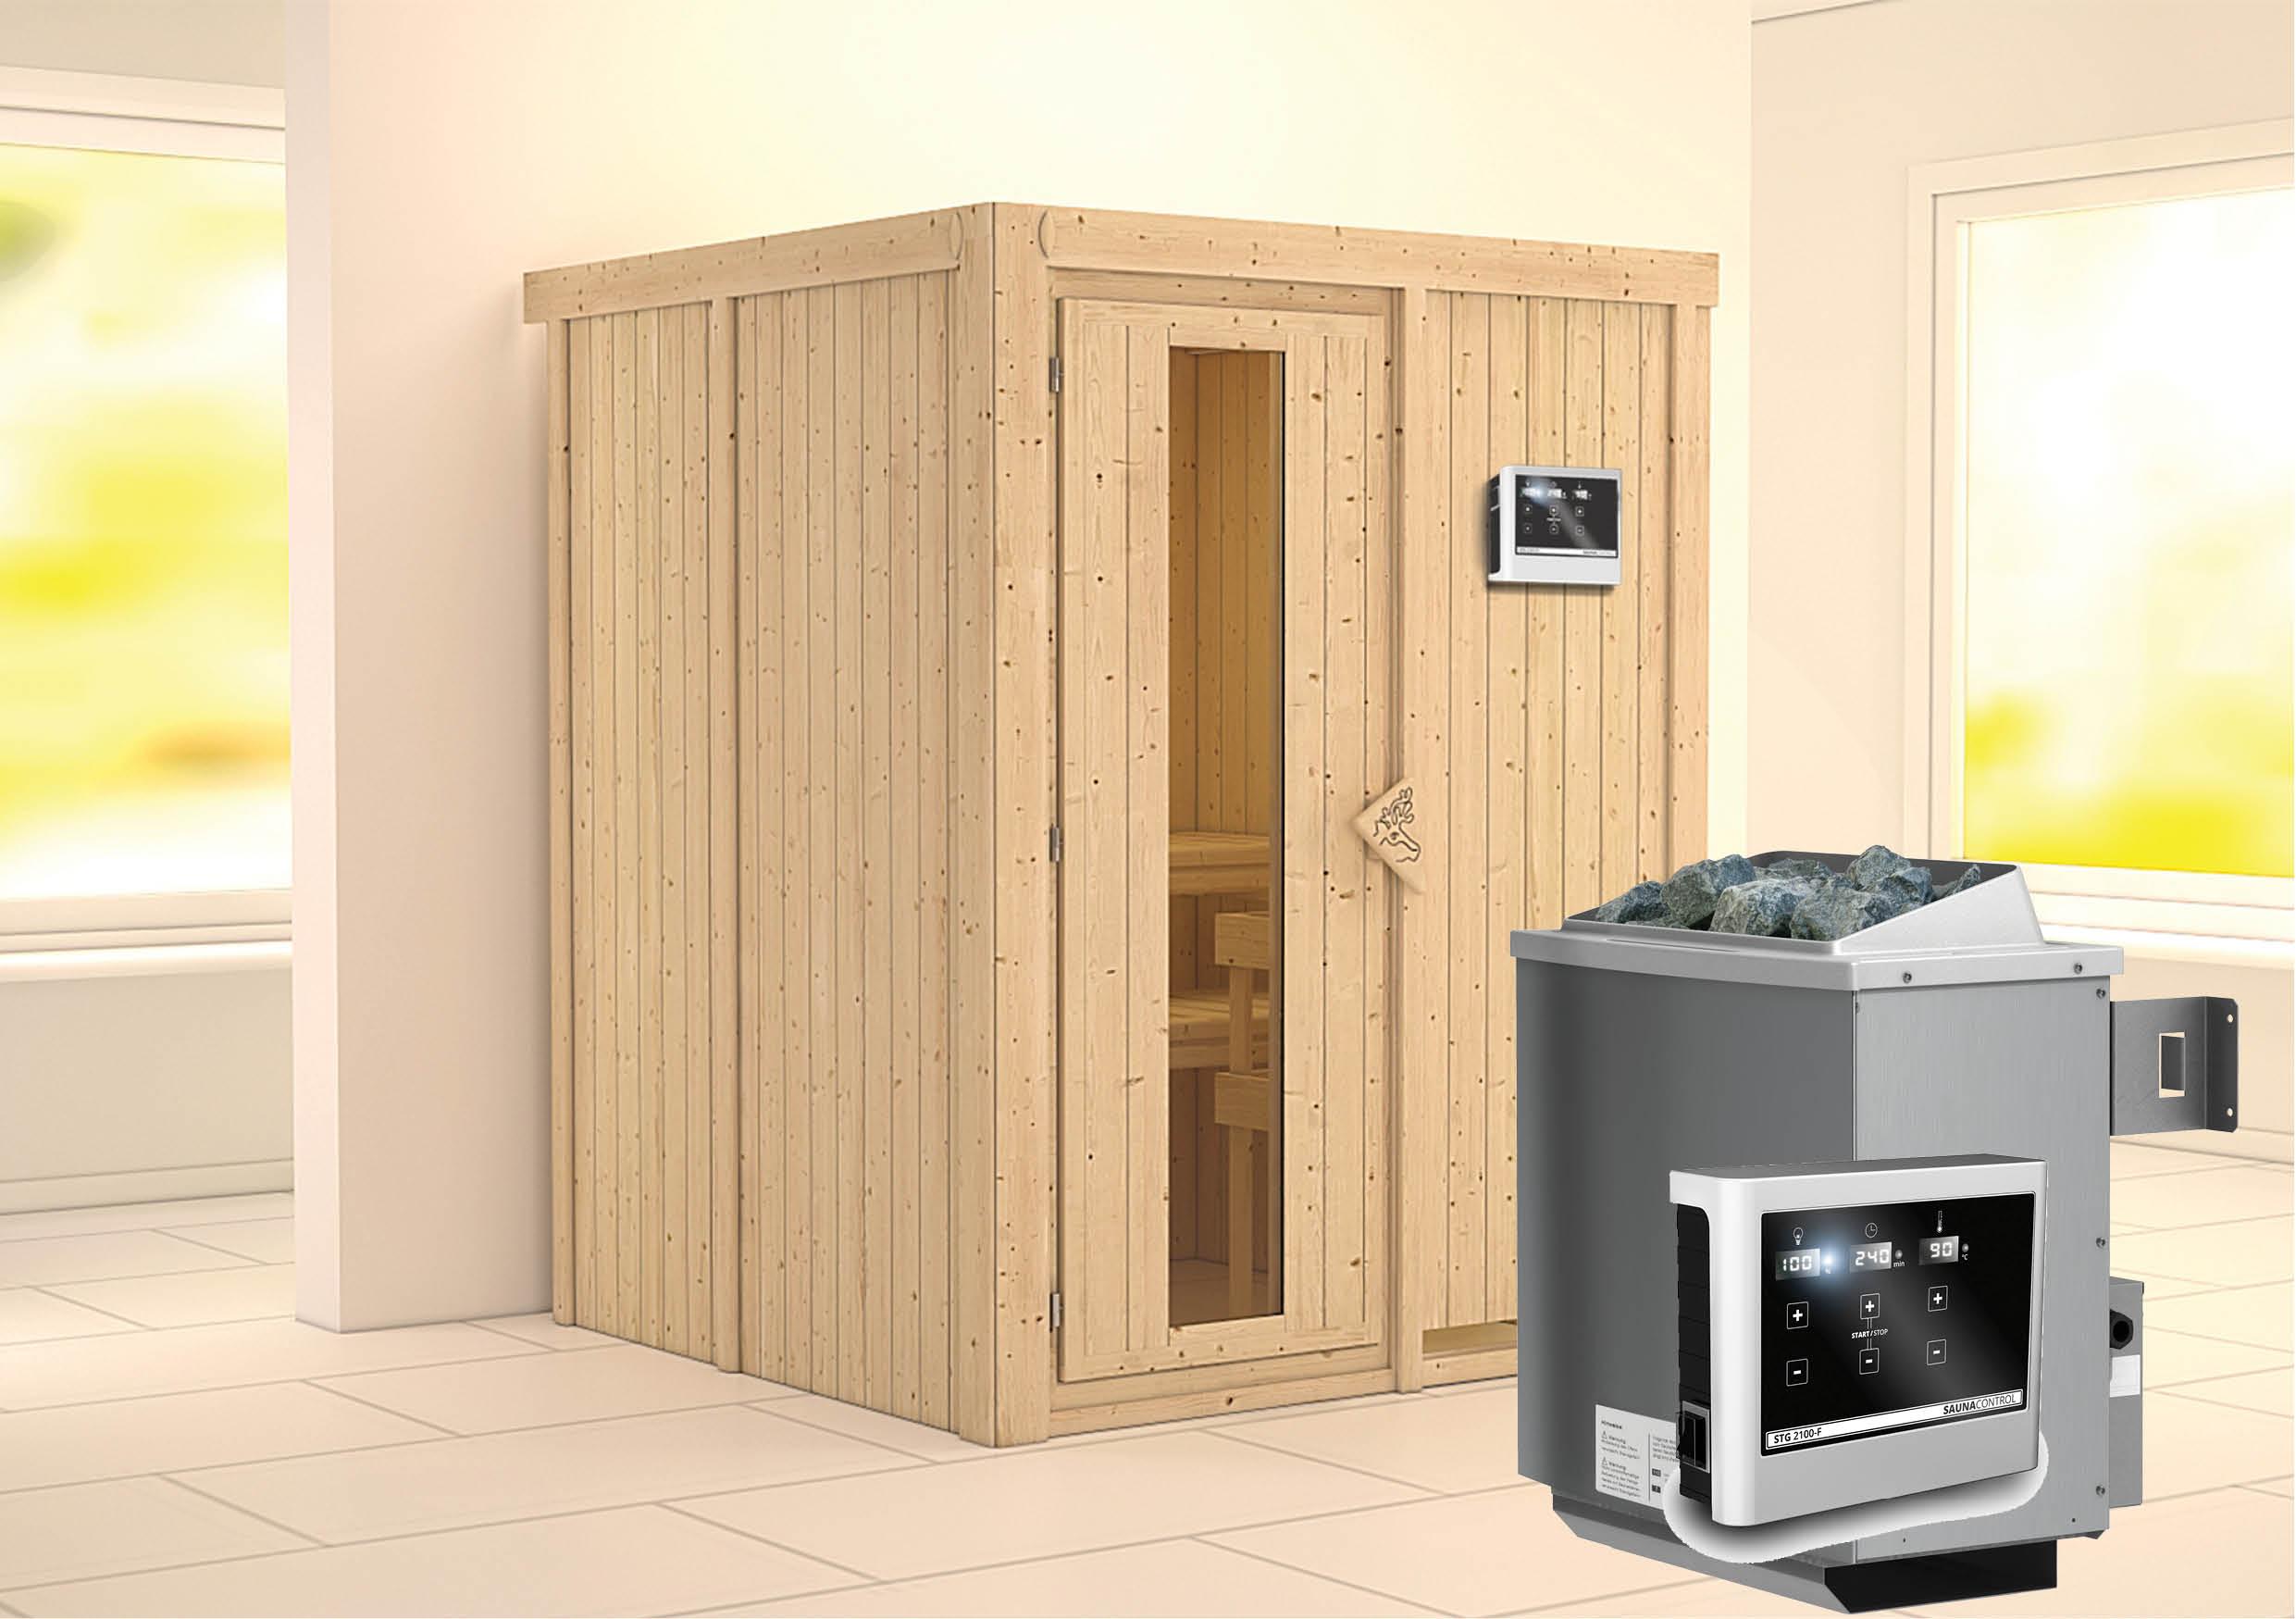 karibu sauna norin 1 51 x 1 51 m 68 mm mit 9 kw ofen saunakabine elementsauna ebay. Black Bedroom Furniture Sets. Home Design Ideas